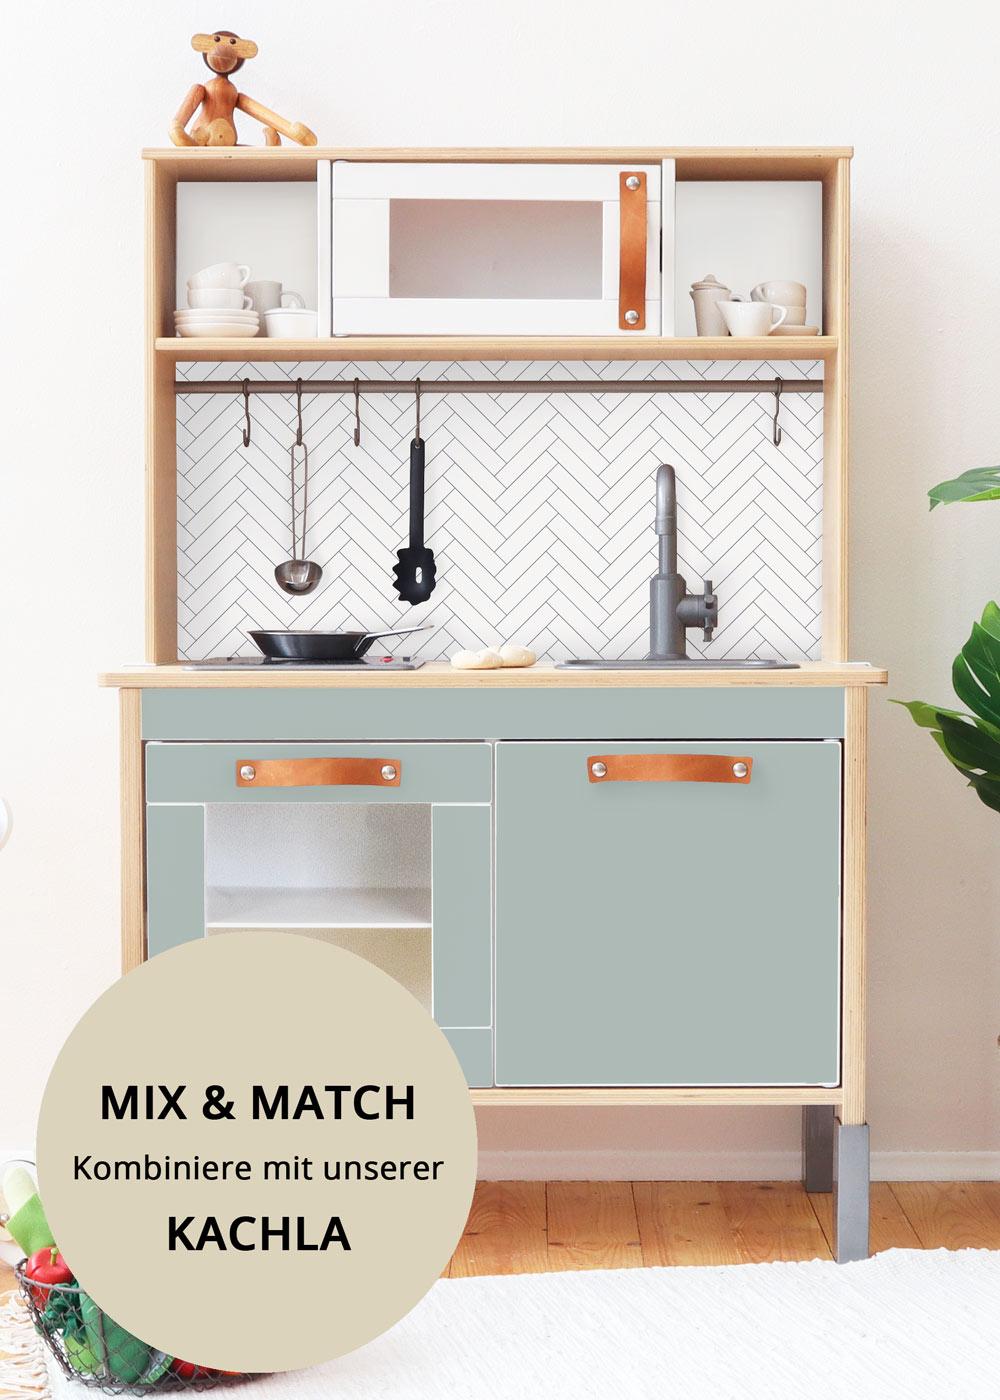 Ikea Duktig Kinderküche Frontli  Salbei Komplettansicht